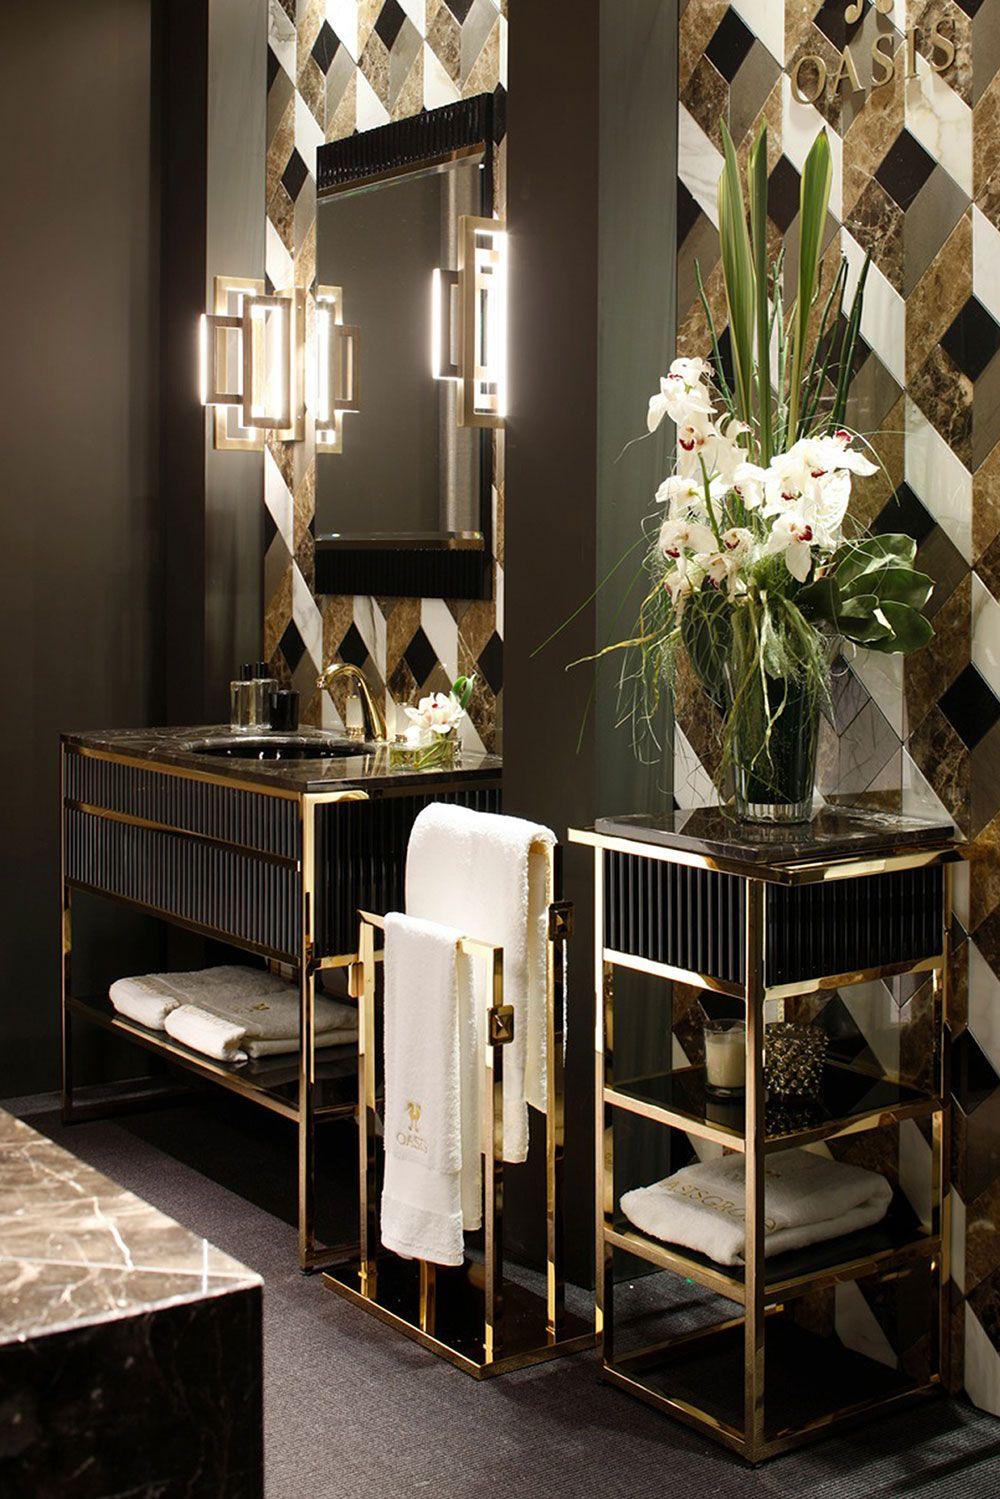 10 Best Golden Aesthetics For Your Bathroom Design Luxury Home